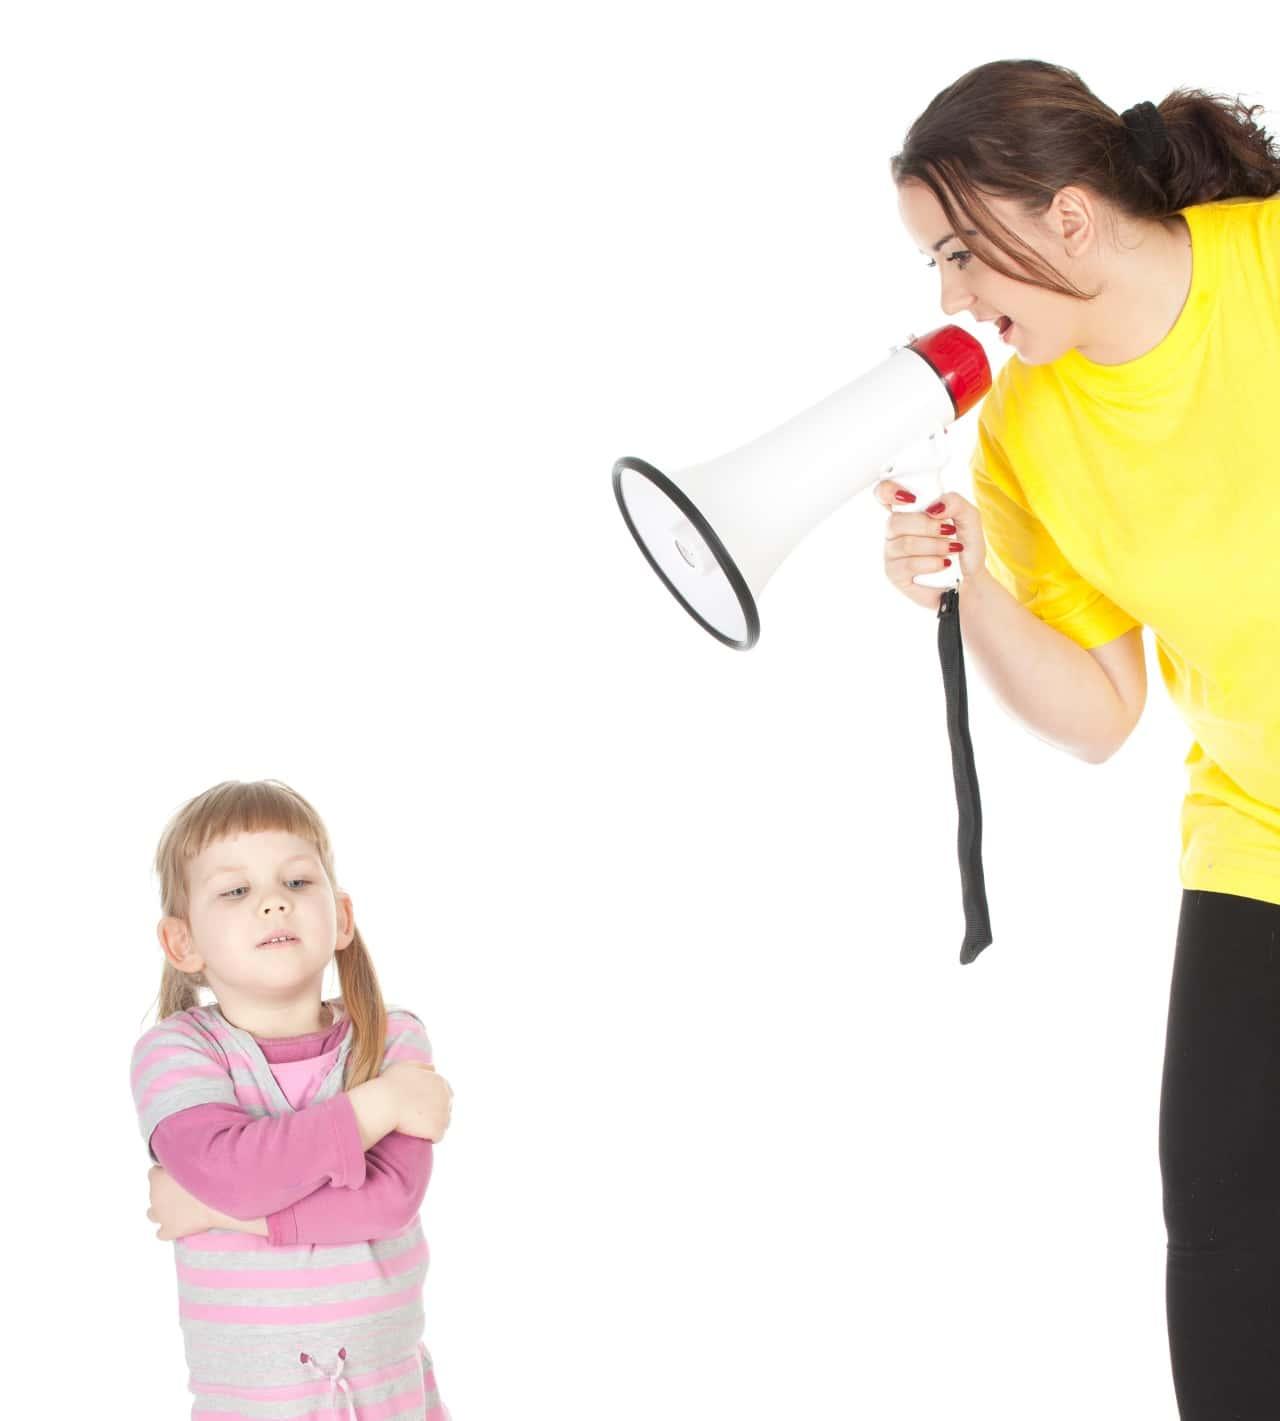 אמא צועקת על ילדה במגפון